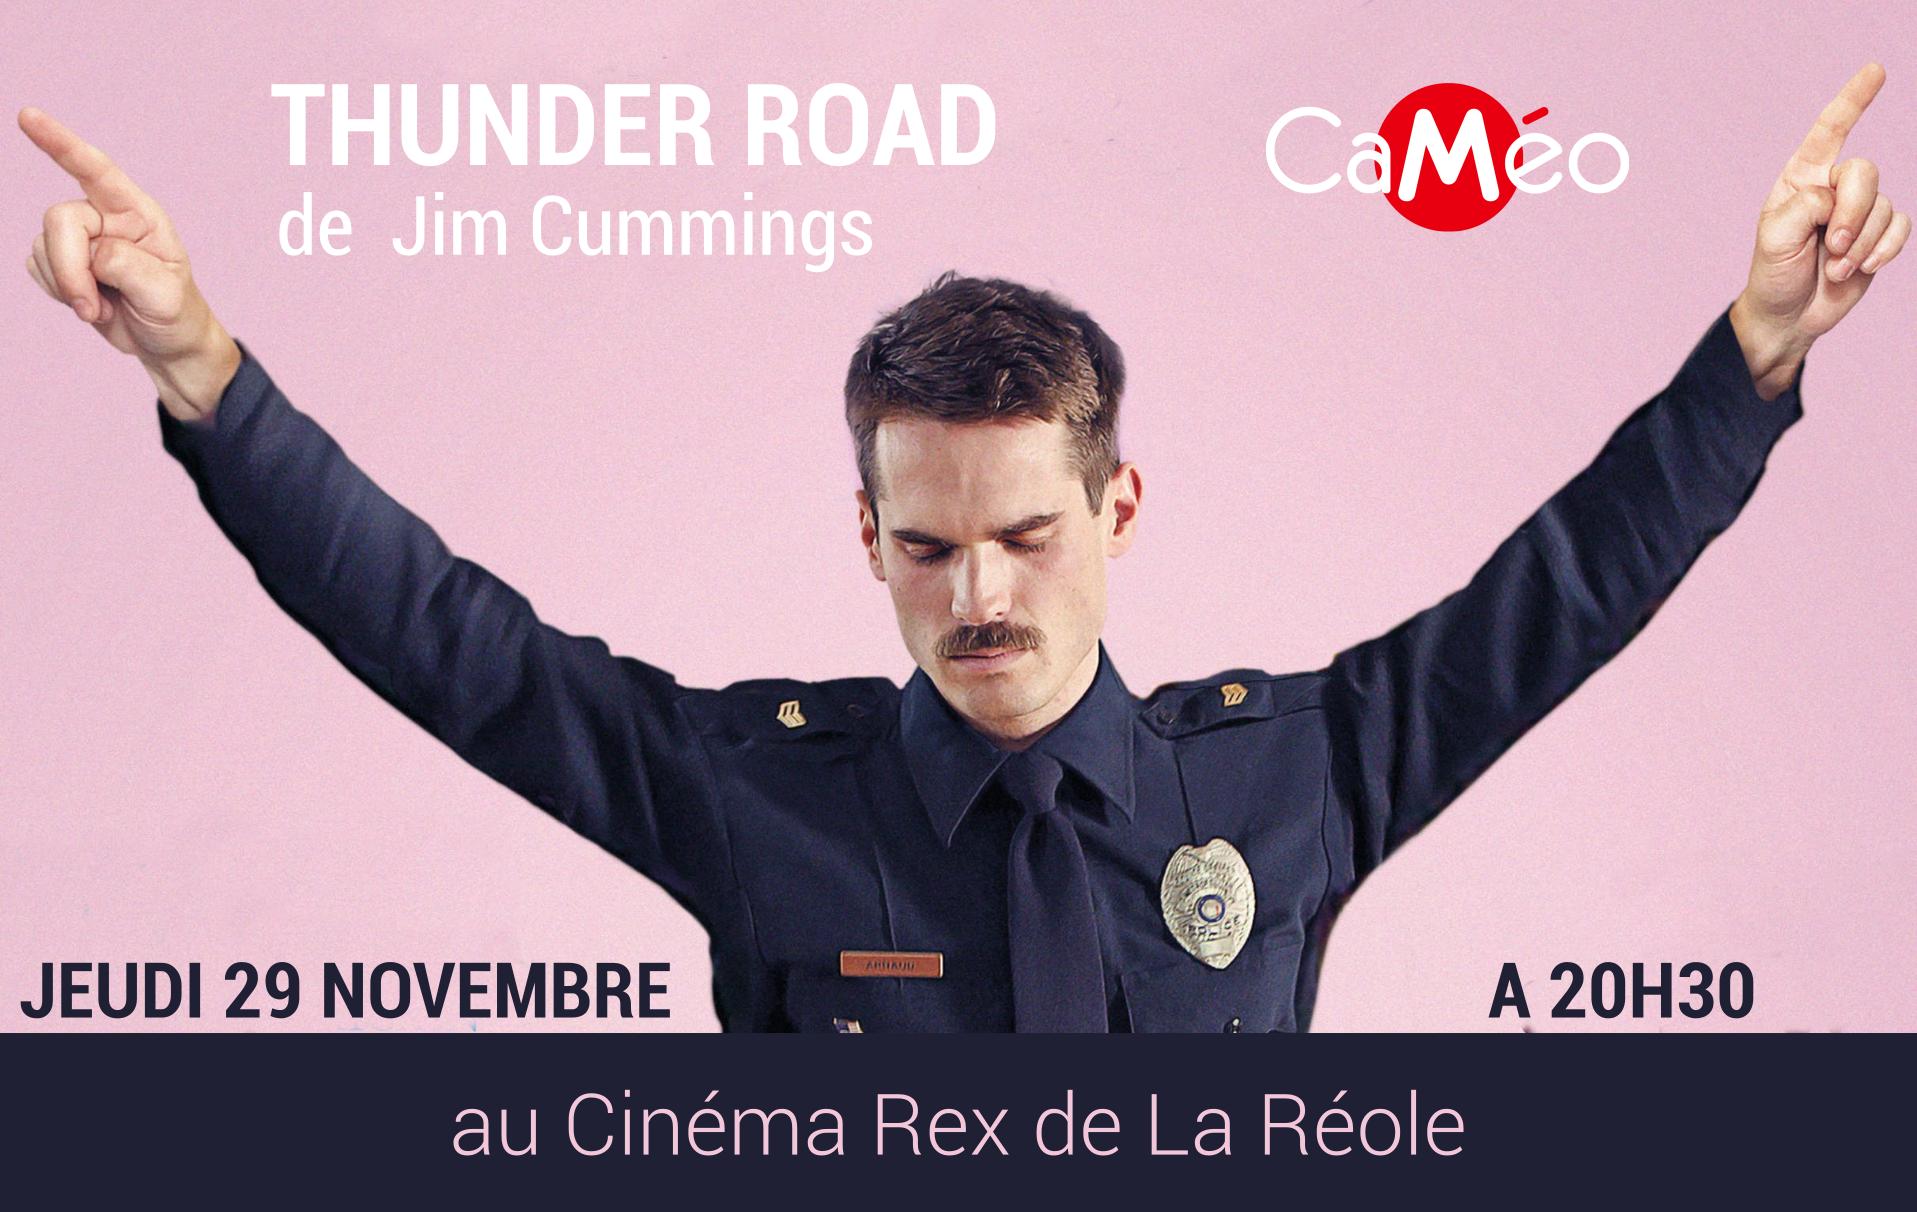 Thunder Road - Soirée de rentrée CaMéo à la Réole